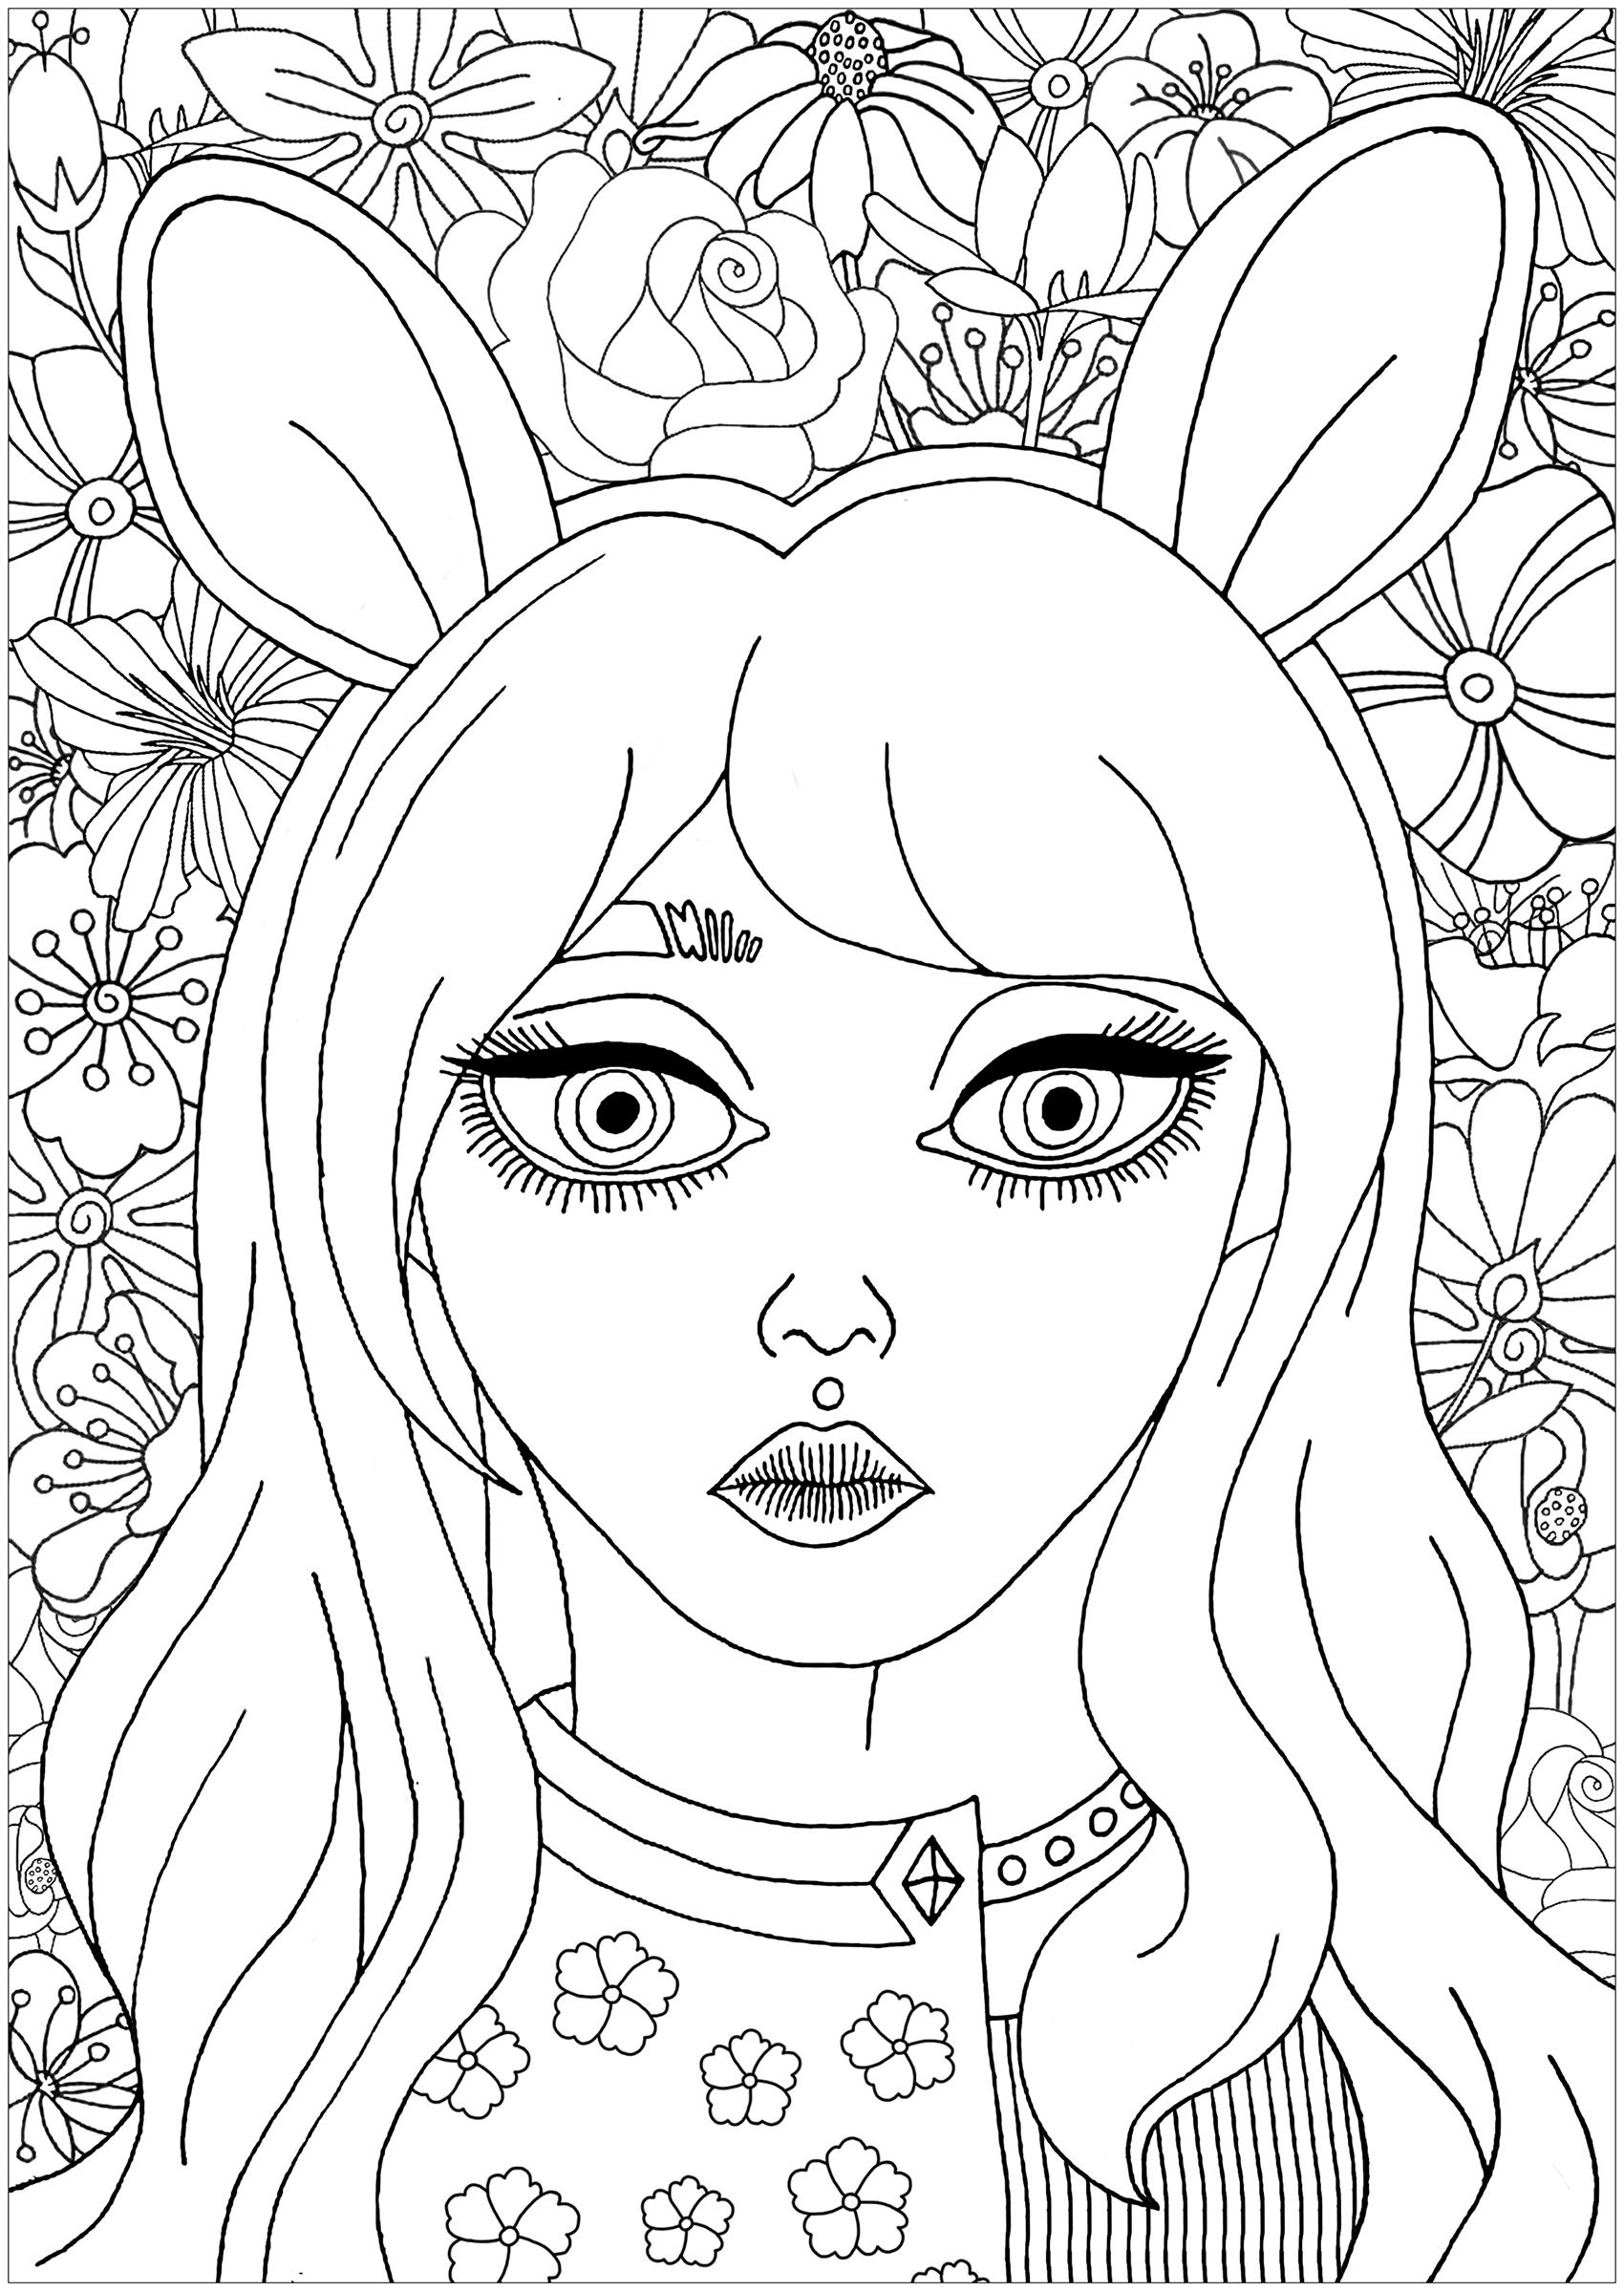 Joli portrait d'une jeune fille aux oreilles de lapin, avec de magnifiques fleurs à colorier en arrière plan